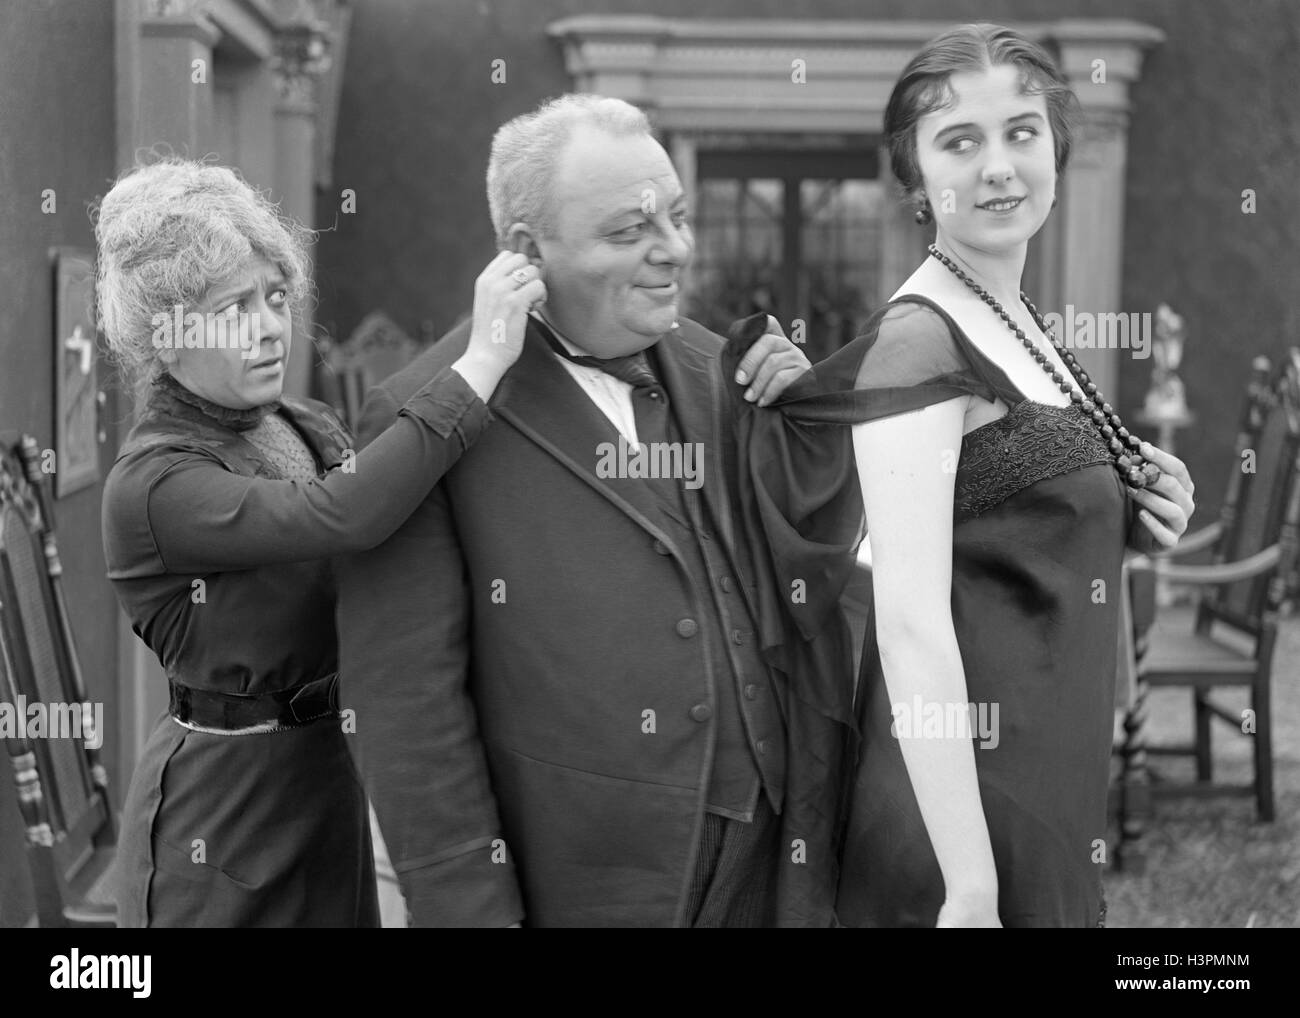 sonriente esposa del mientras MUJER Película antiguo muda su oído DEL TIRANDO VESTIDO hombre LA todavía el JOVEN DE en 1920s hombre remolcadores 1910s tOwFqq